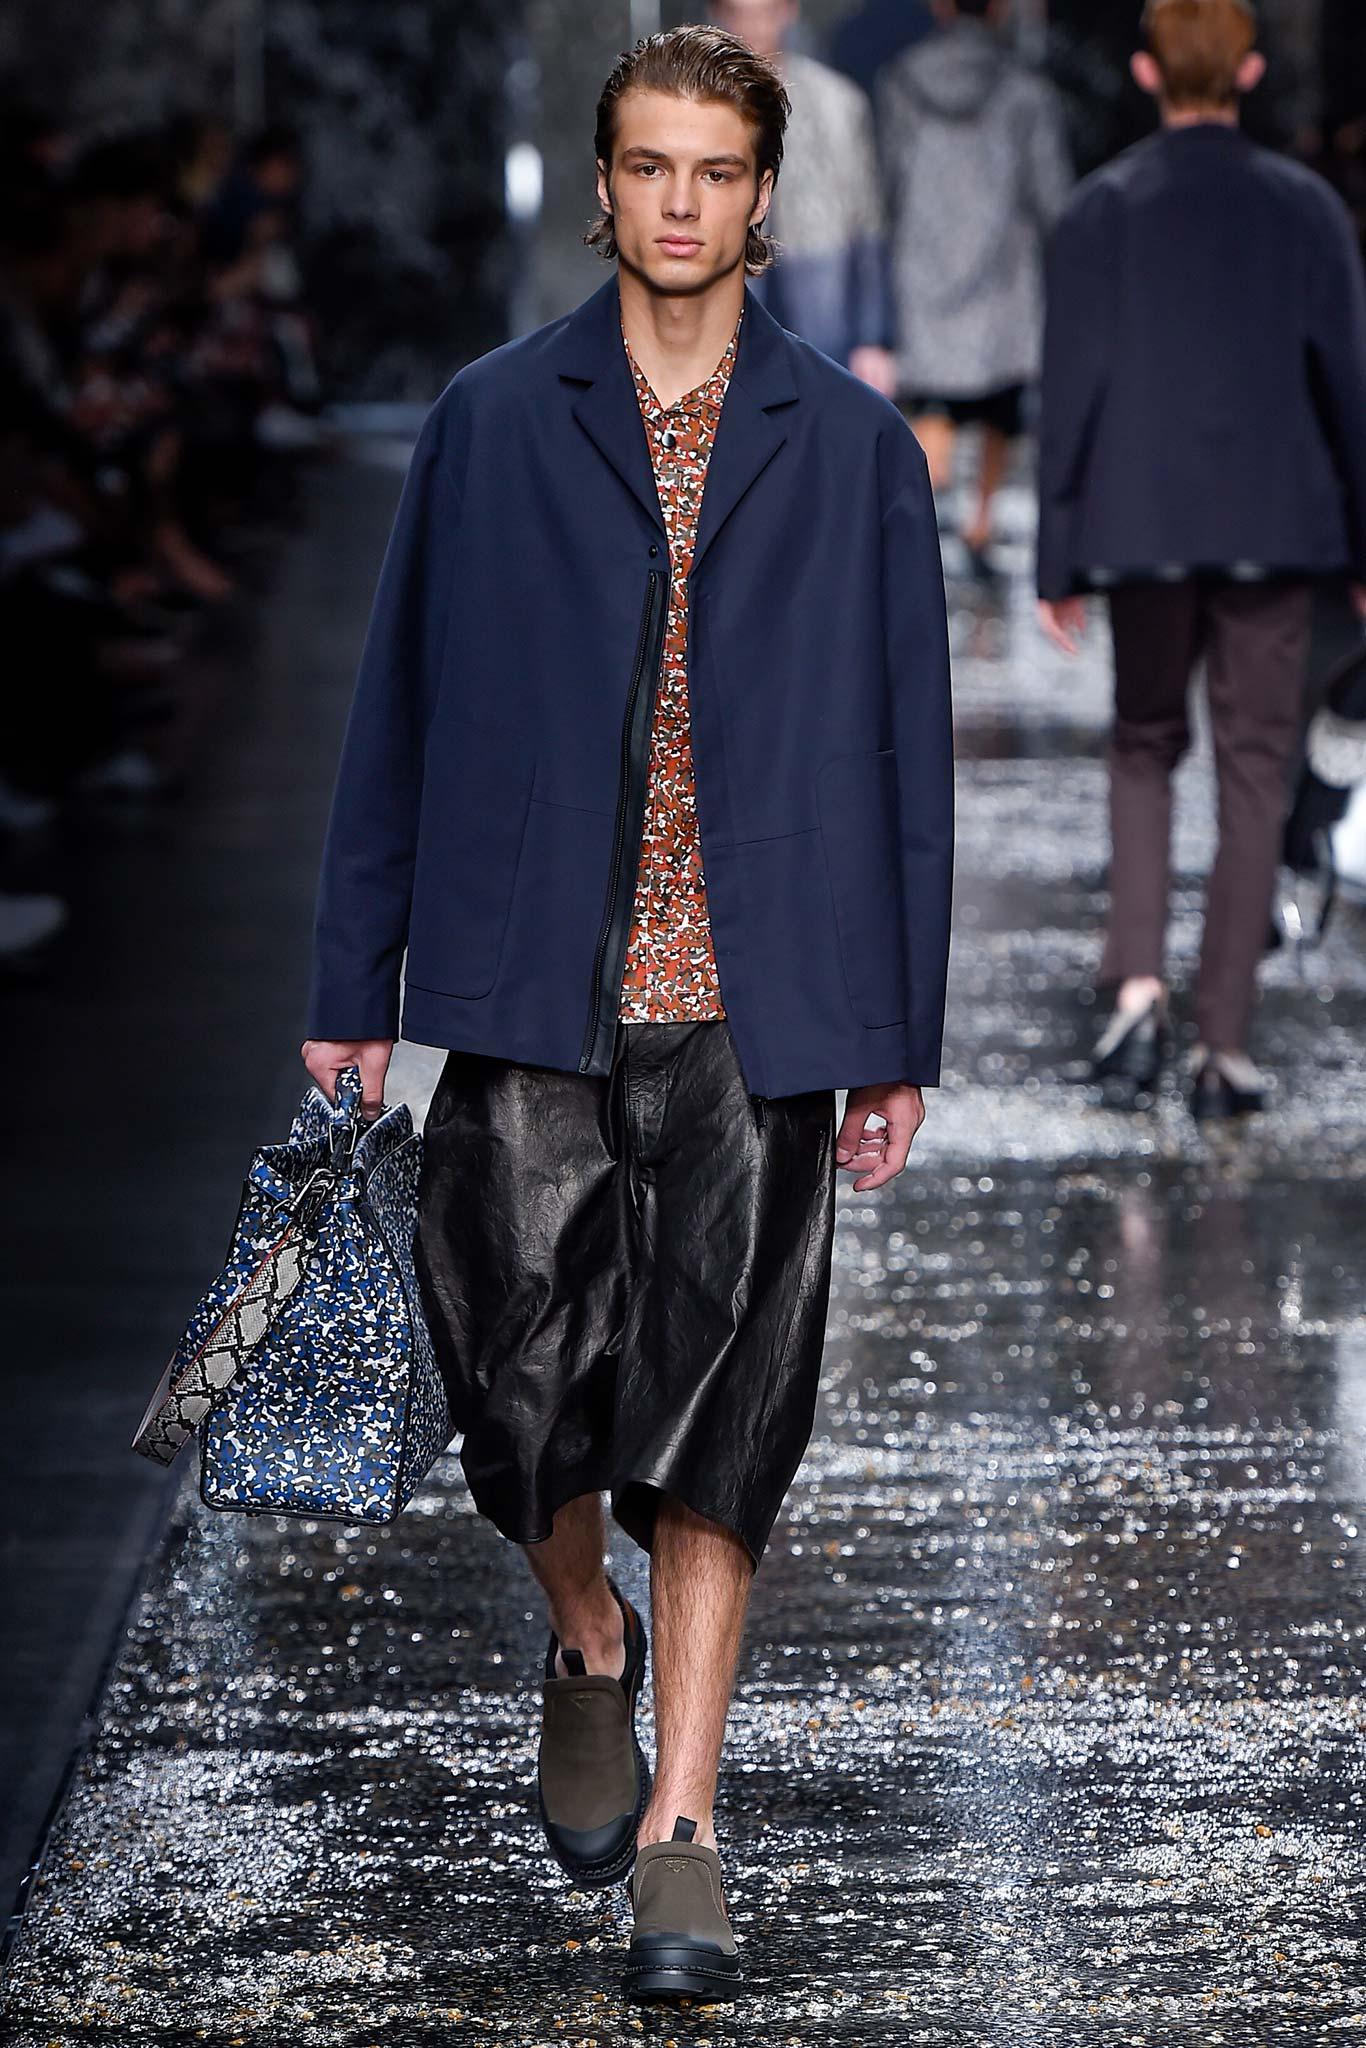 Fendi Menswear SS 2016 Milan